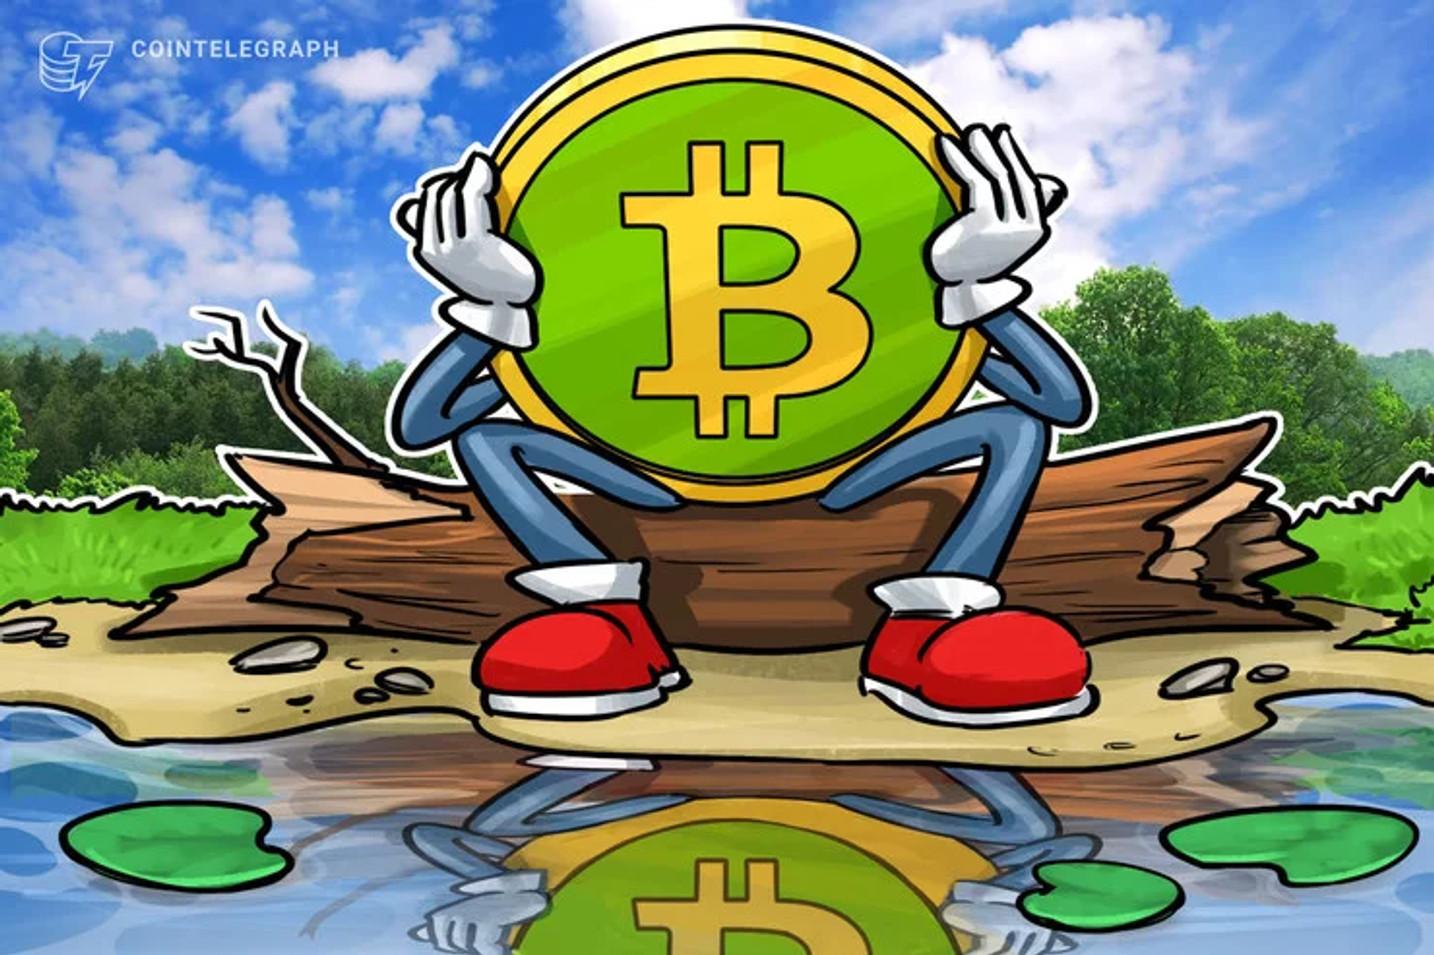 Novos dados da CoinMetrics mostram que o golpe PlusToken pode estar segurando o preço do Bitcoin